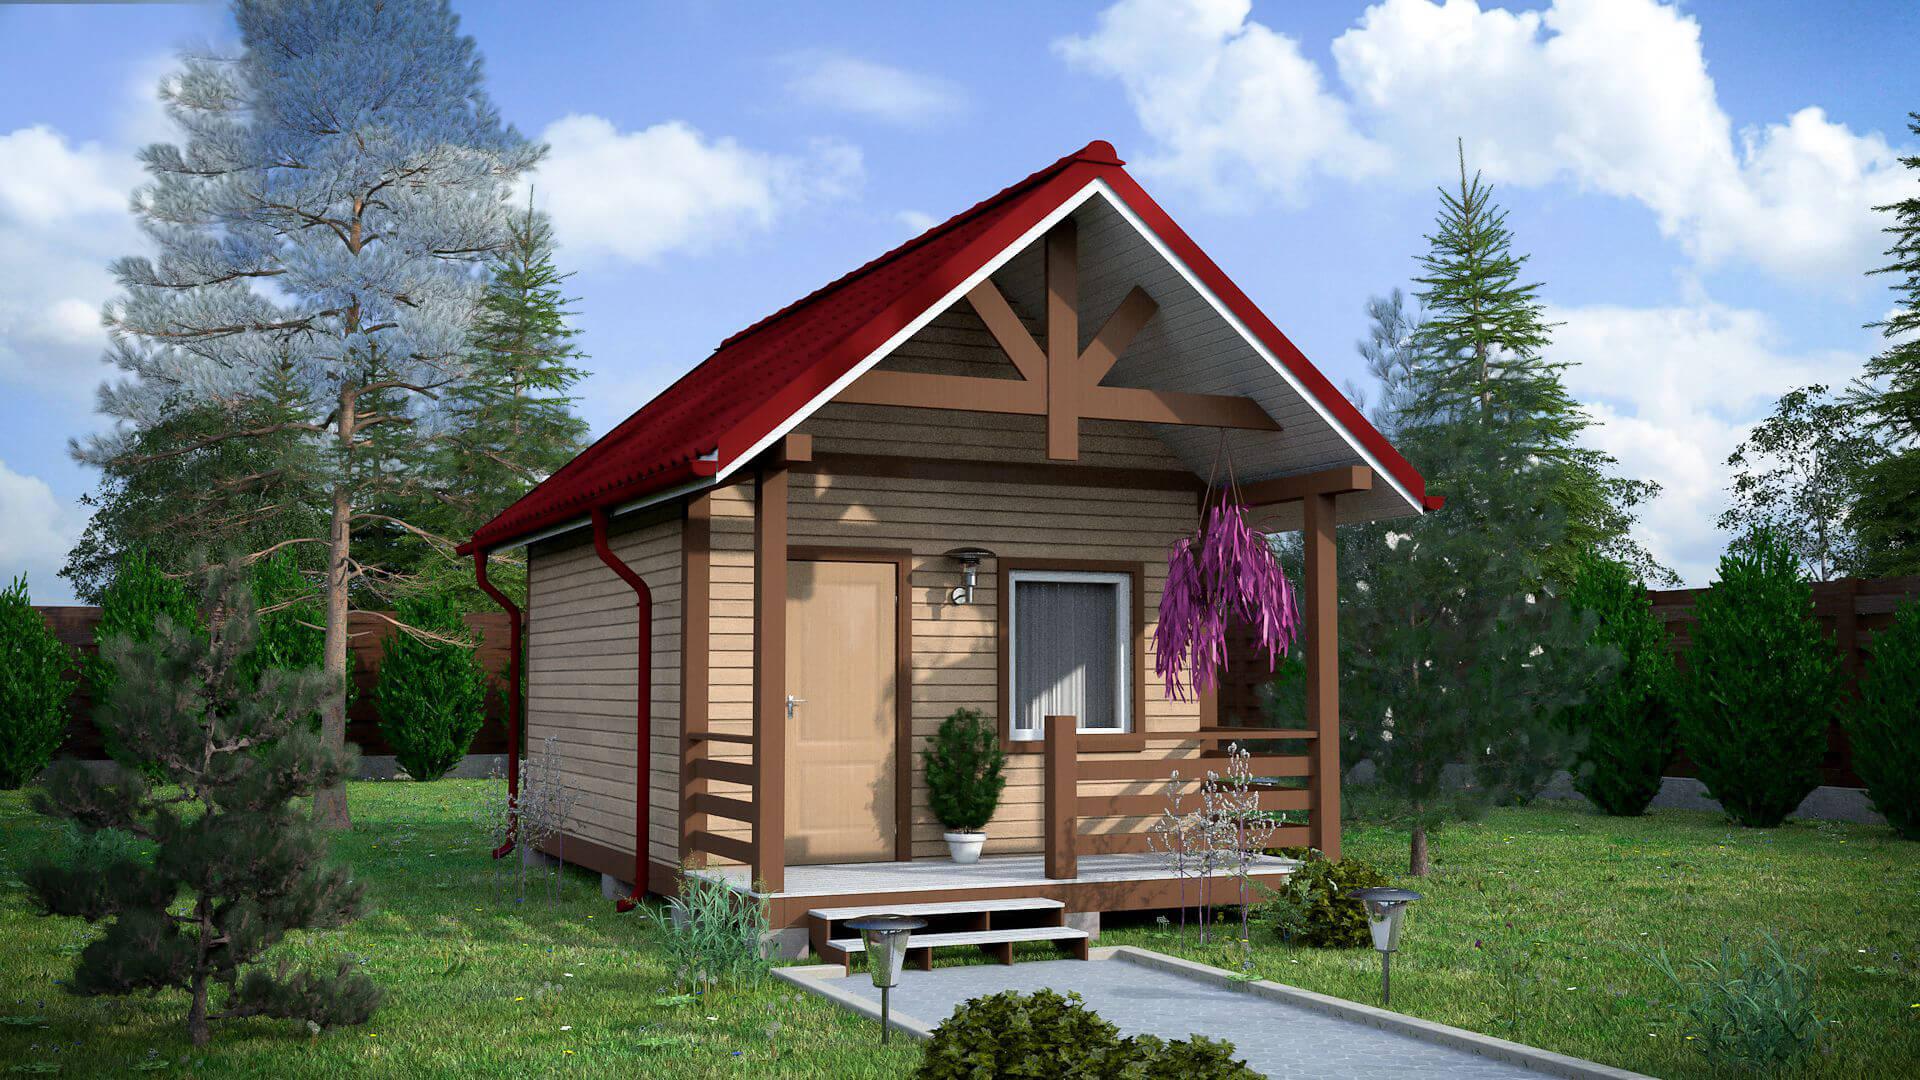 s_house1720002_1